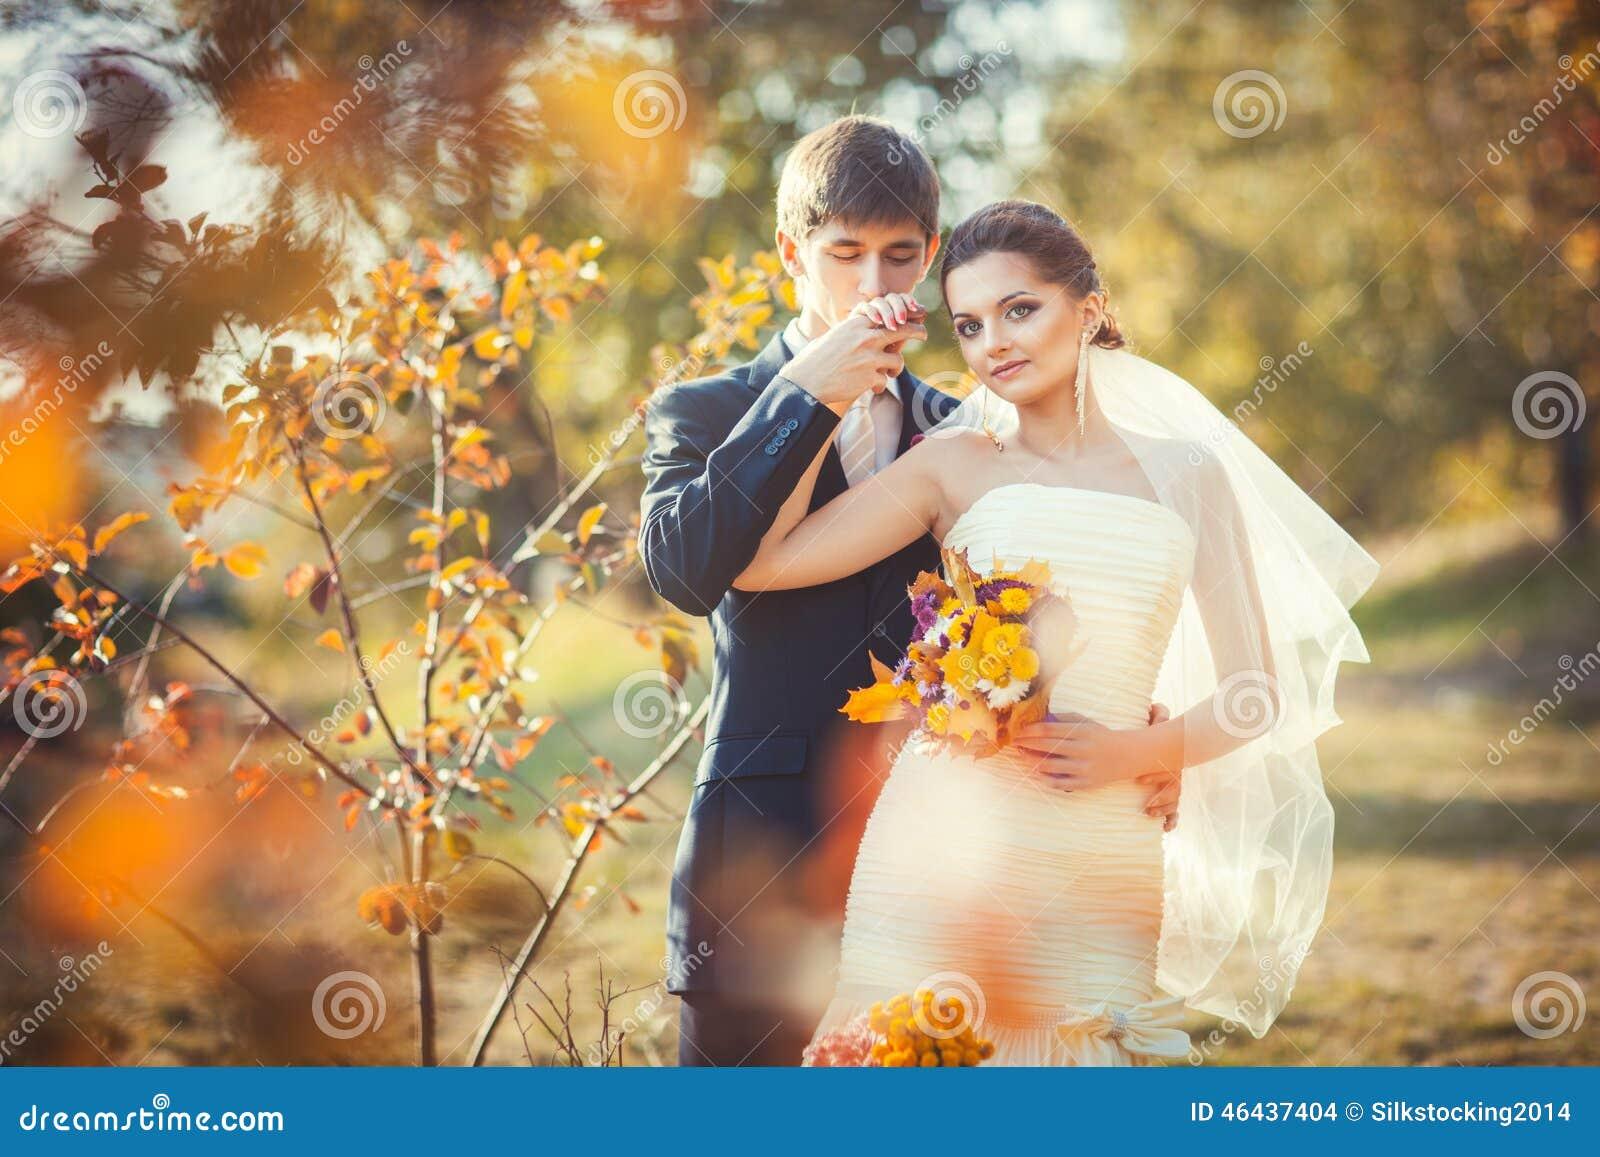 Küssende Hand des Bräutigams der Braut